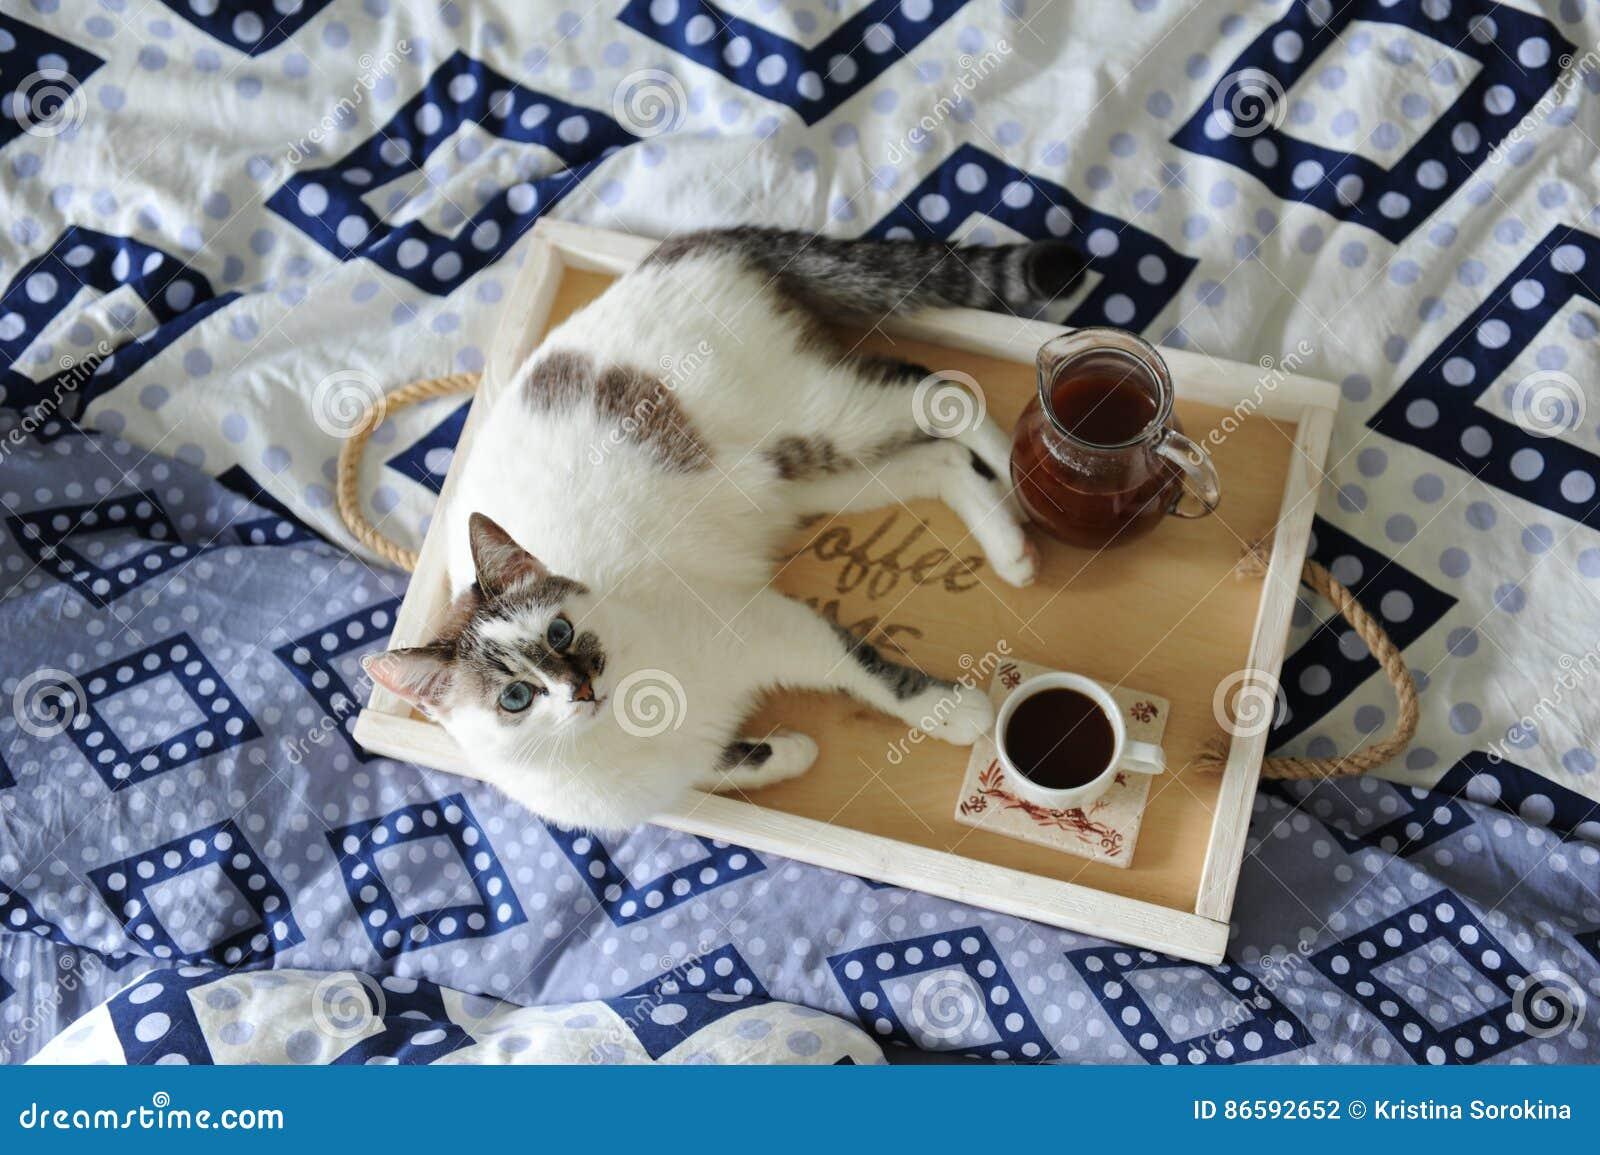 śniadanie W łóżku Dzbanek I Filiżanka Kawy Na Drewnianej